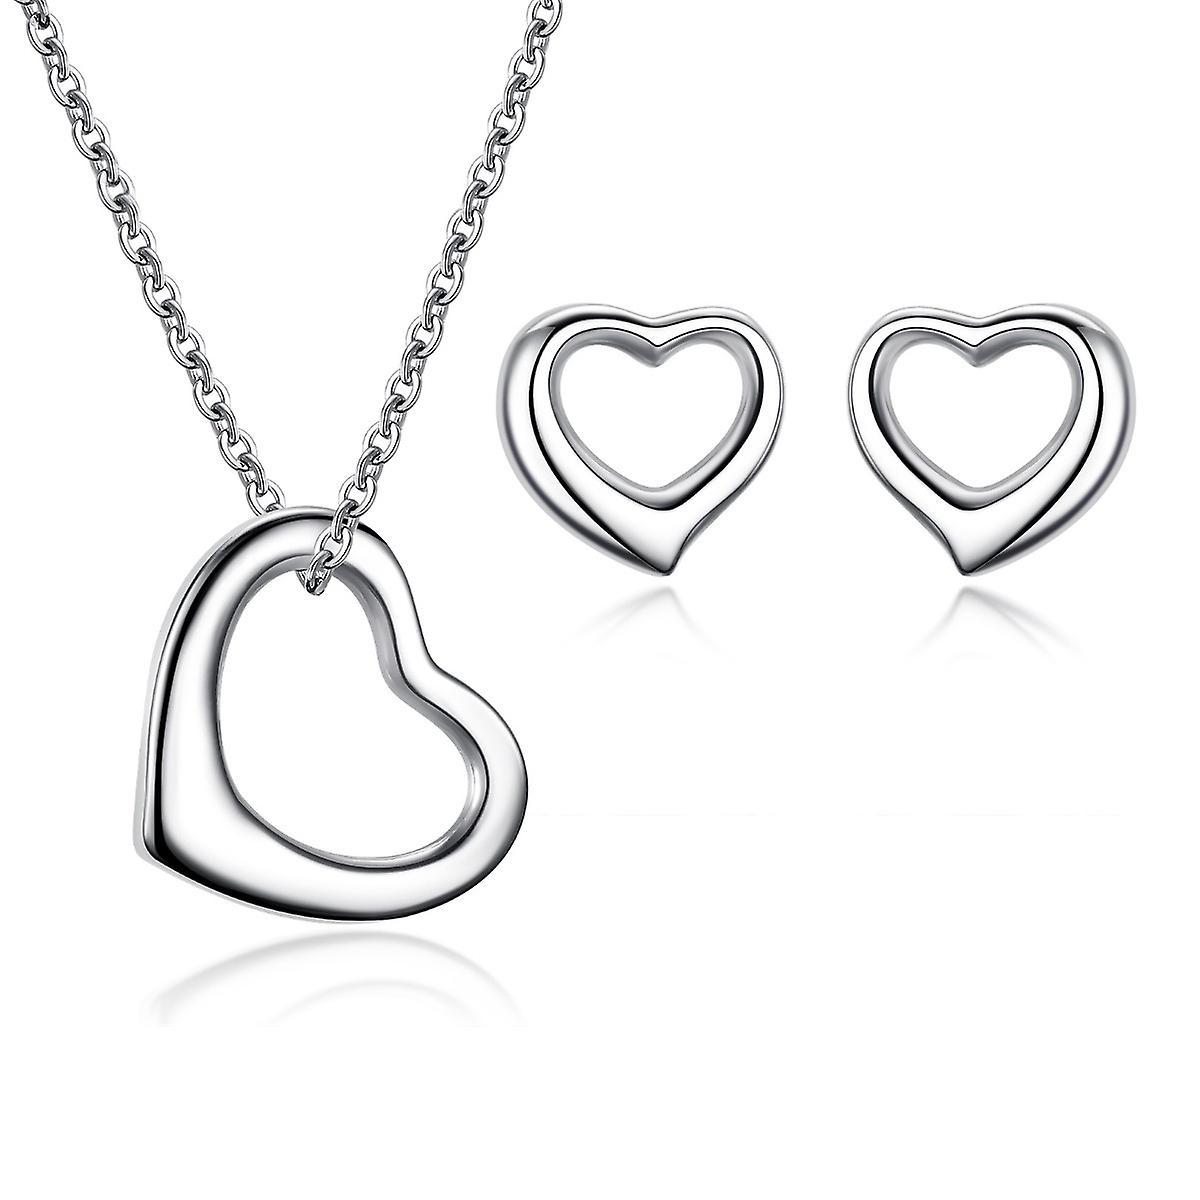 925 Sterling Silver Open Heart Solid Jewellery Set